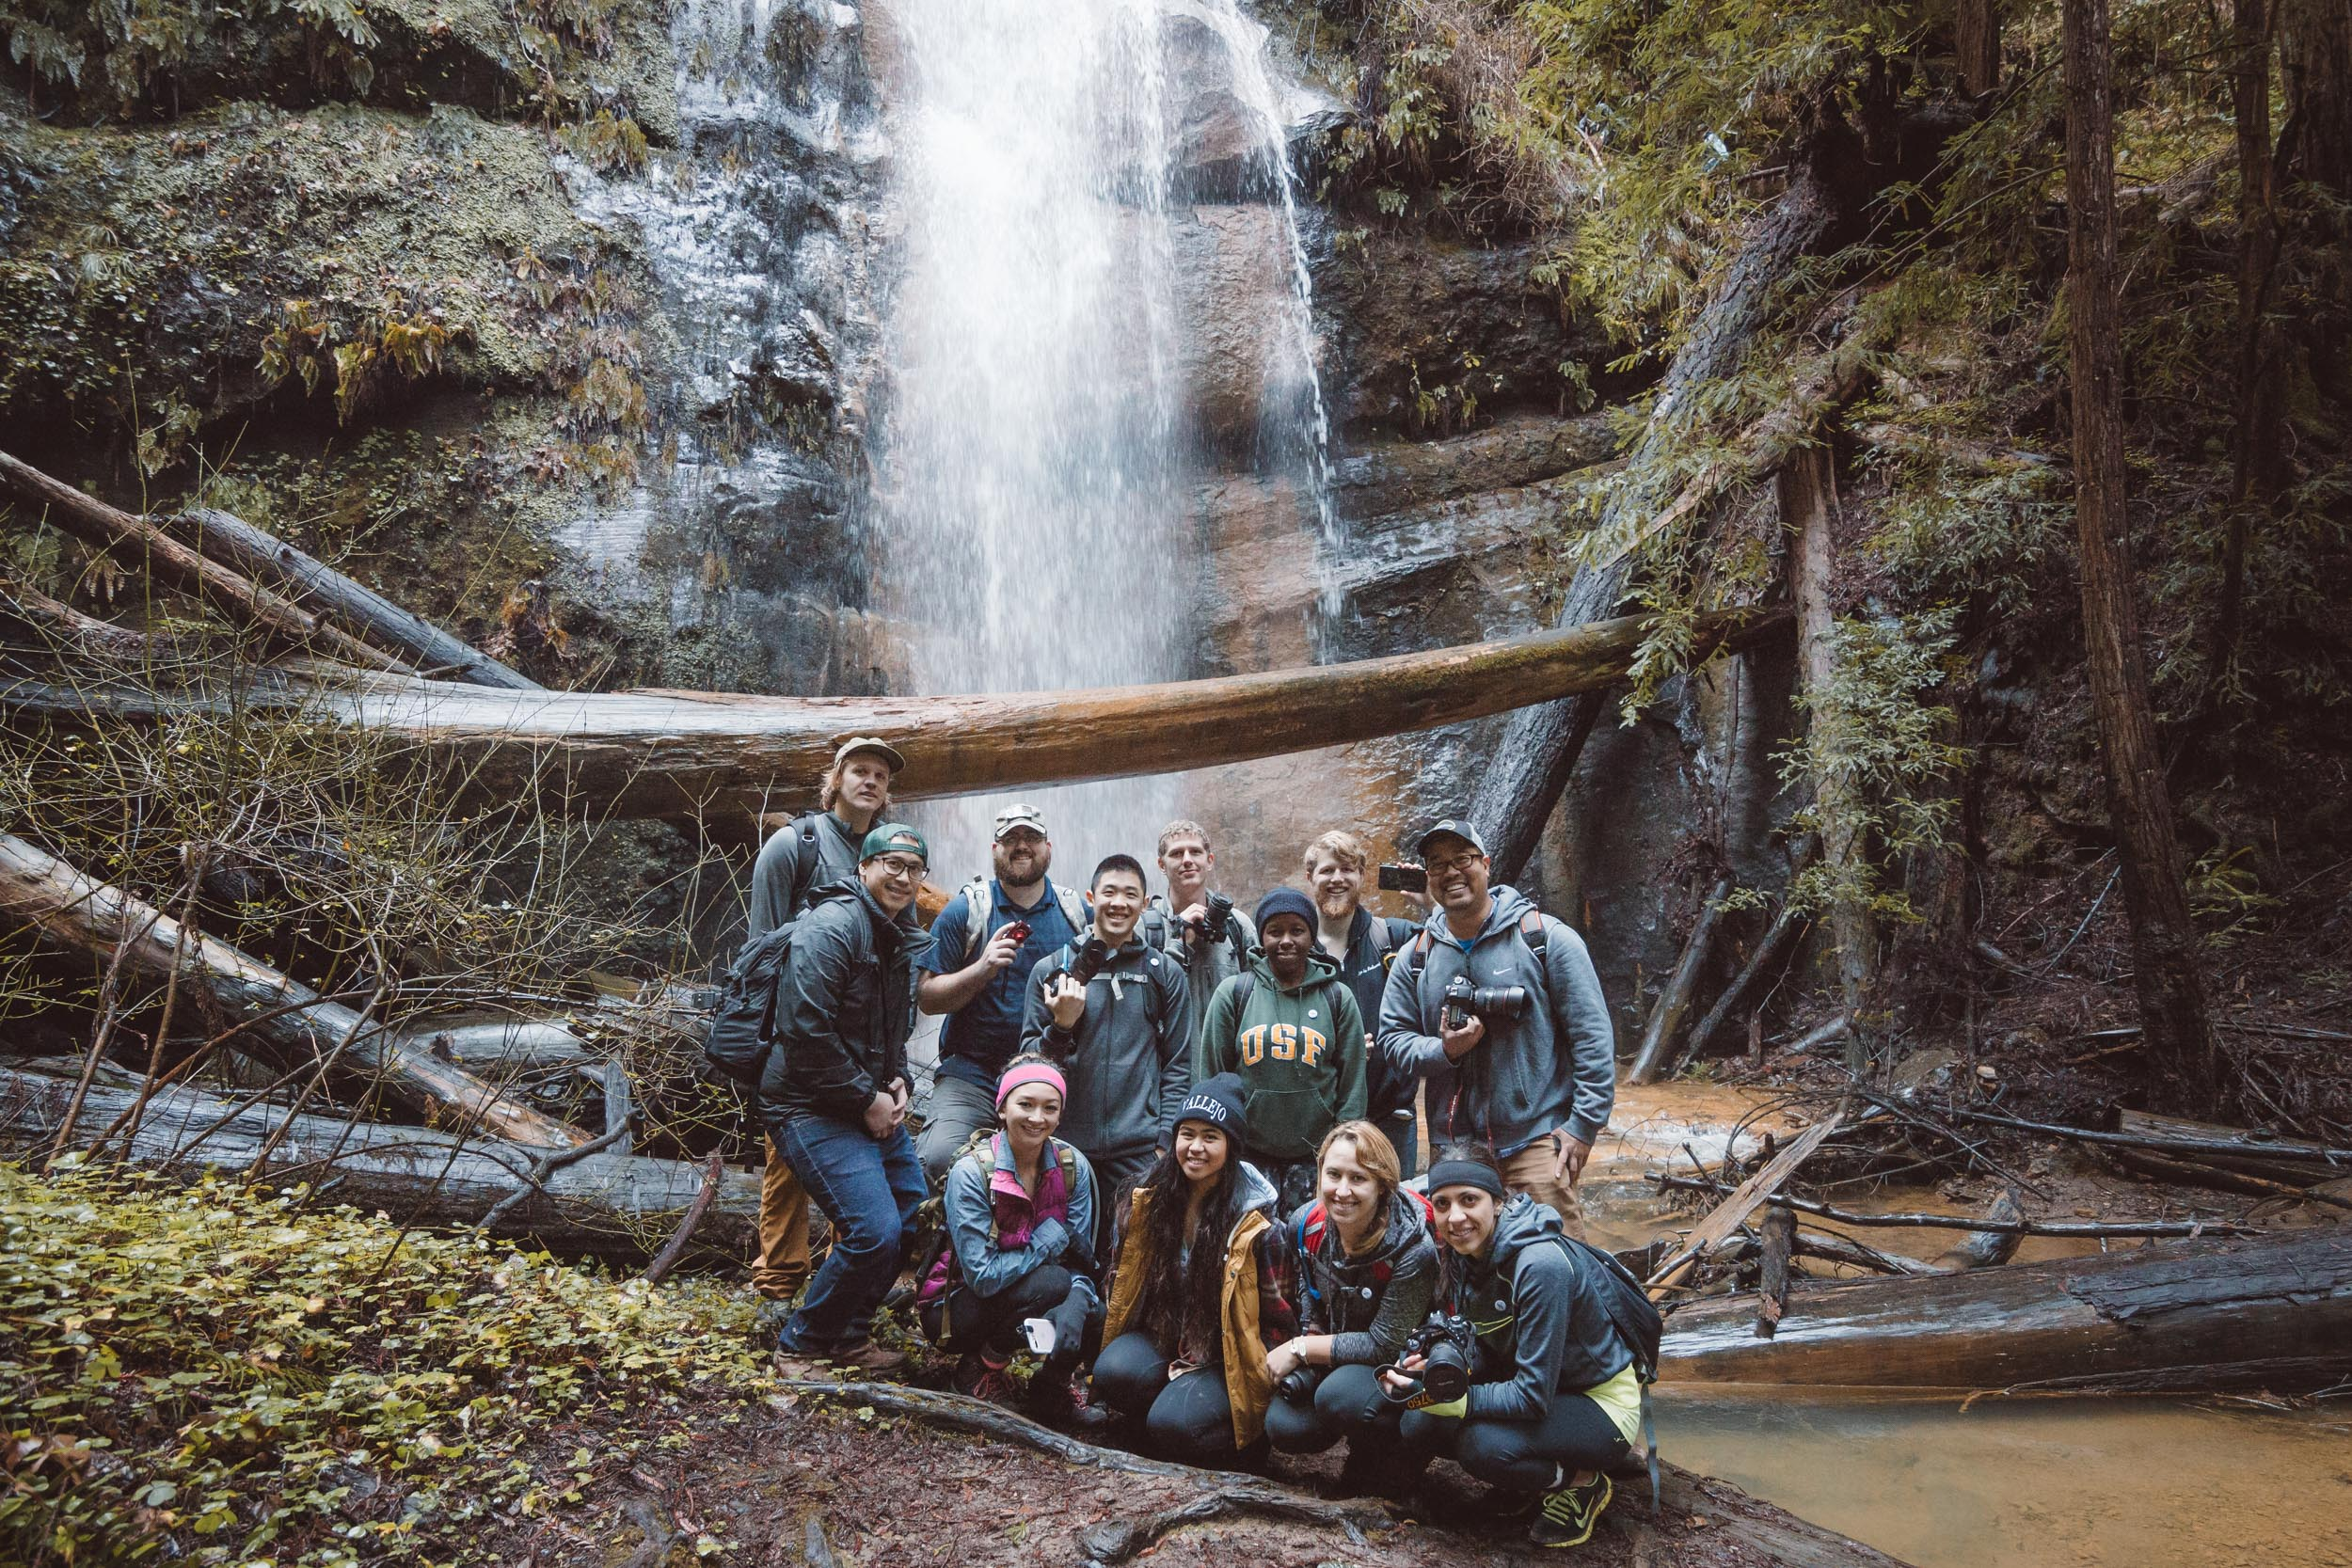 big-basin-silver-falls-group-hike-and-shoot-1.jpg